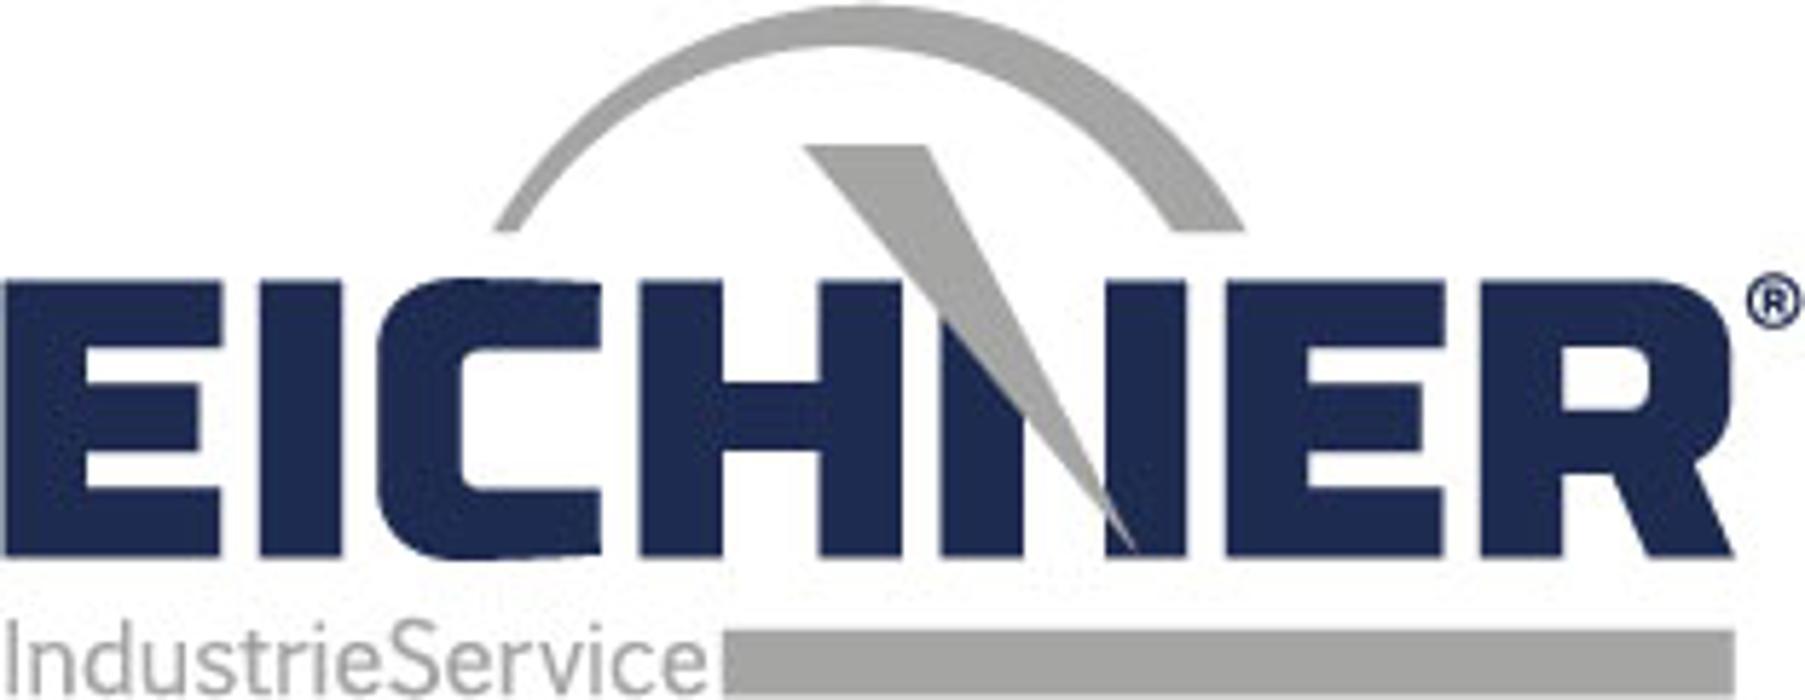 Bild zu EICHNER IndustrieService GmbH in Bergheim an der Erft